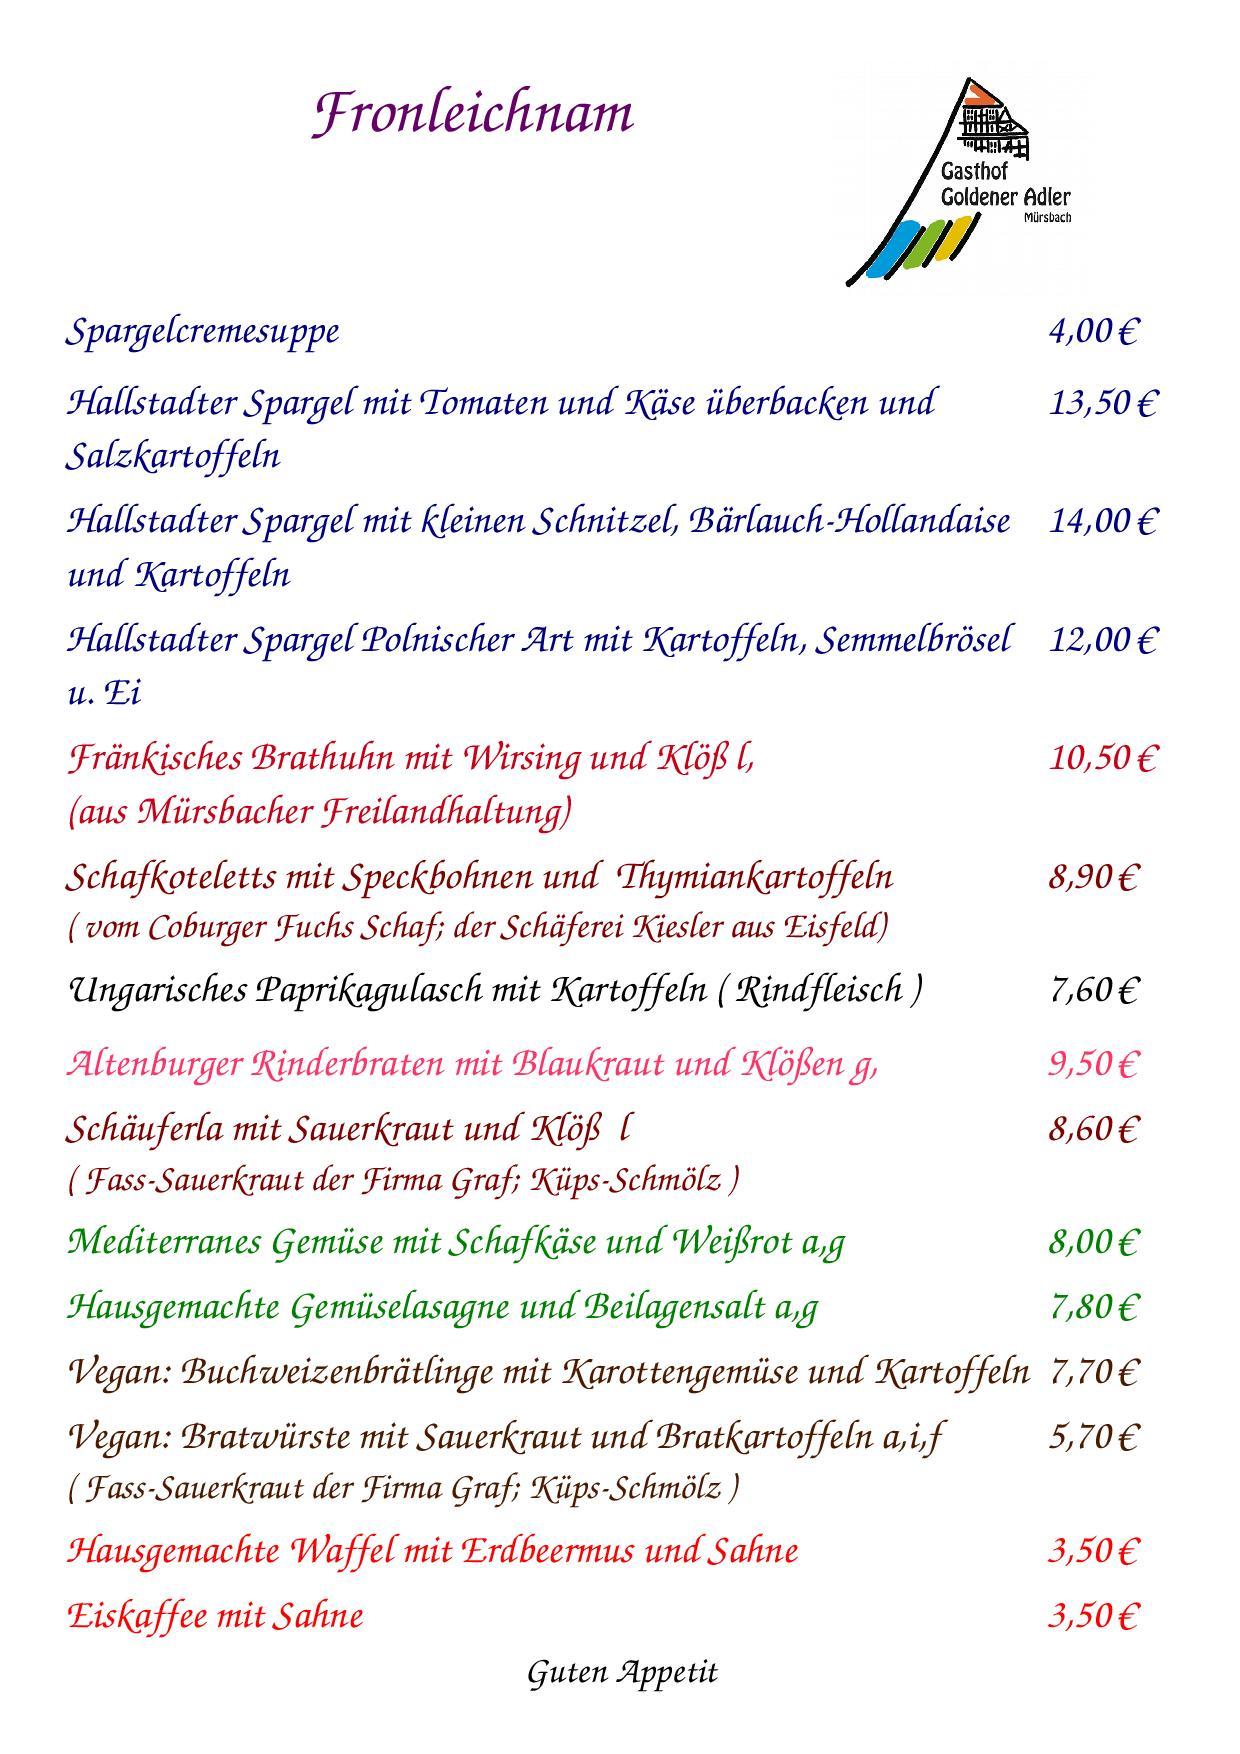 Speisekarte für Fronleichnam 2018